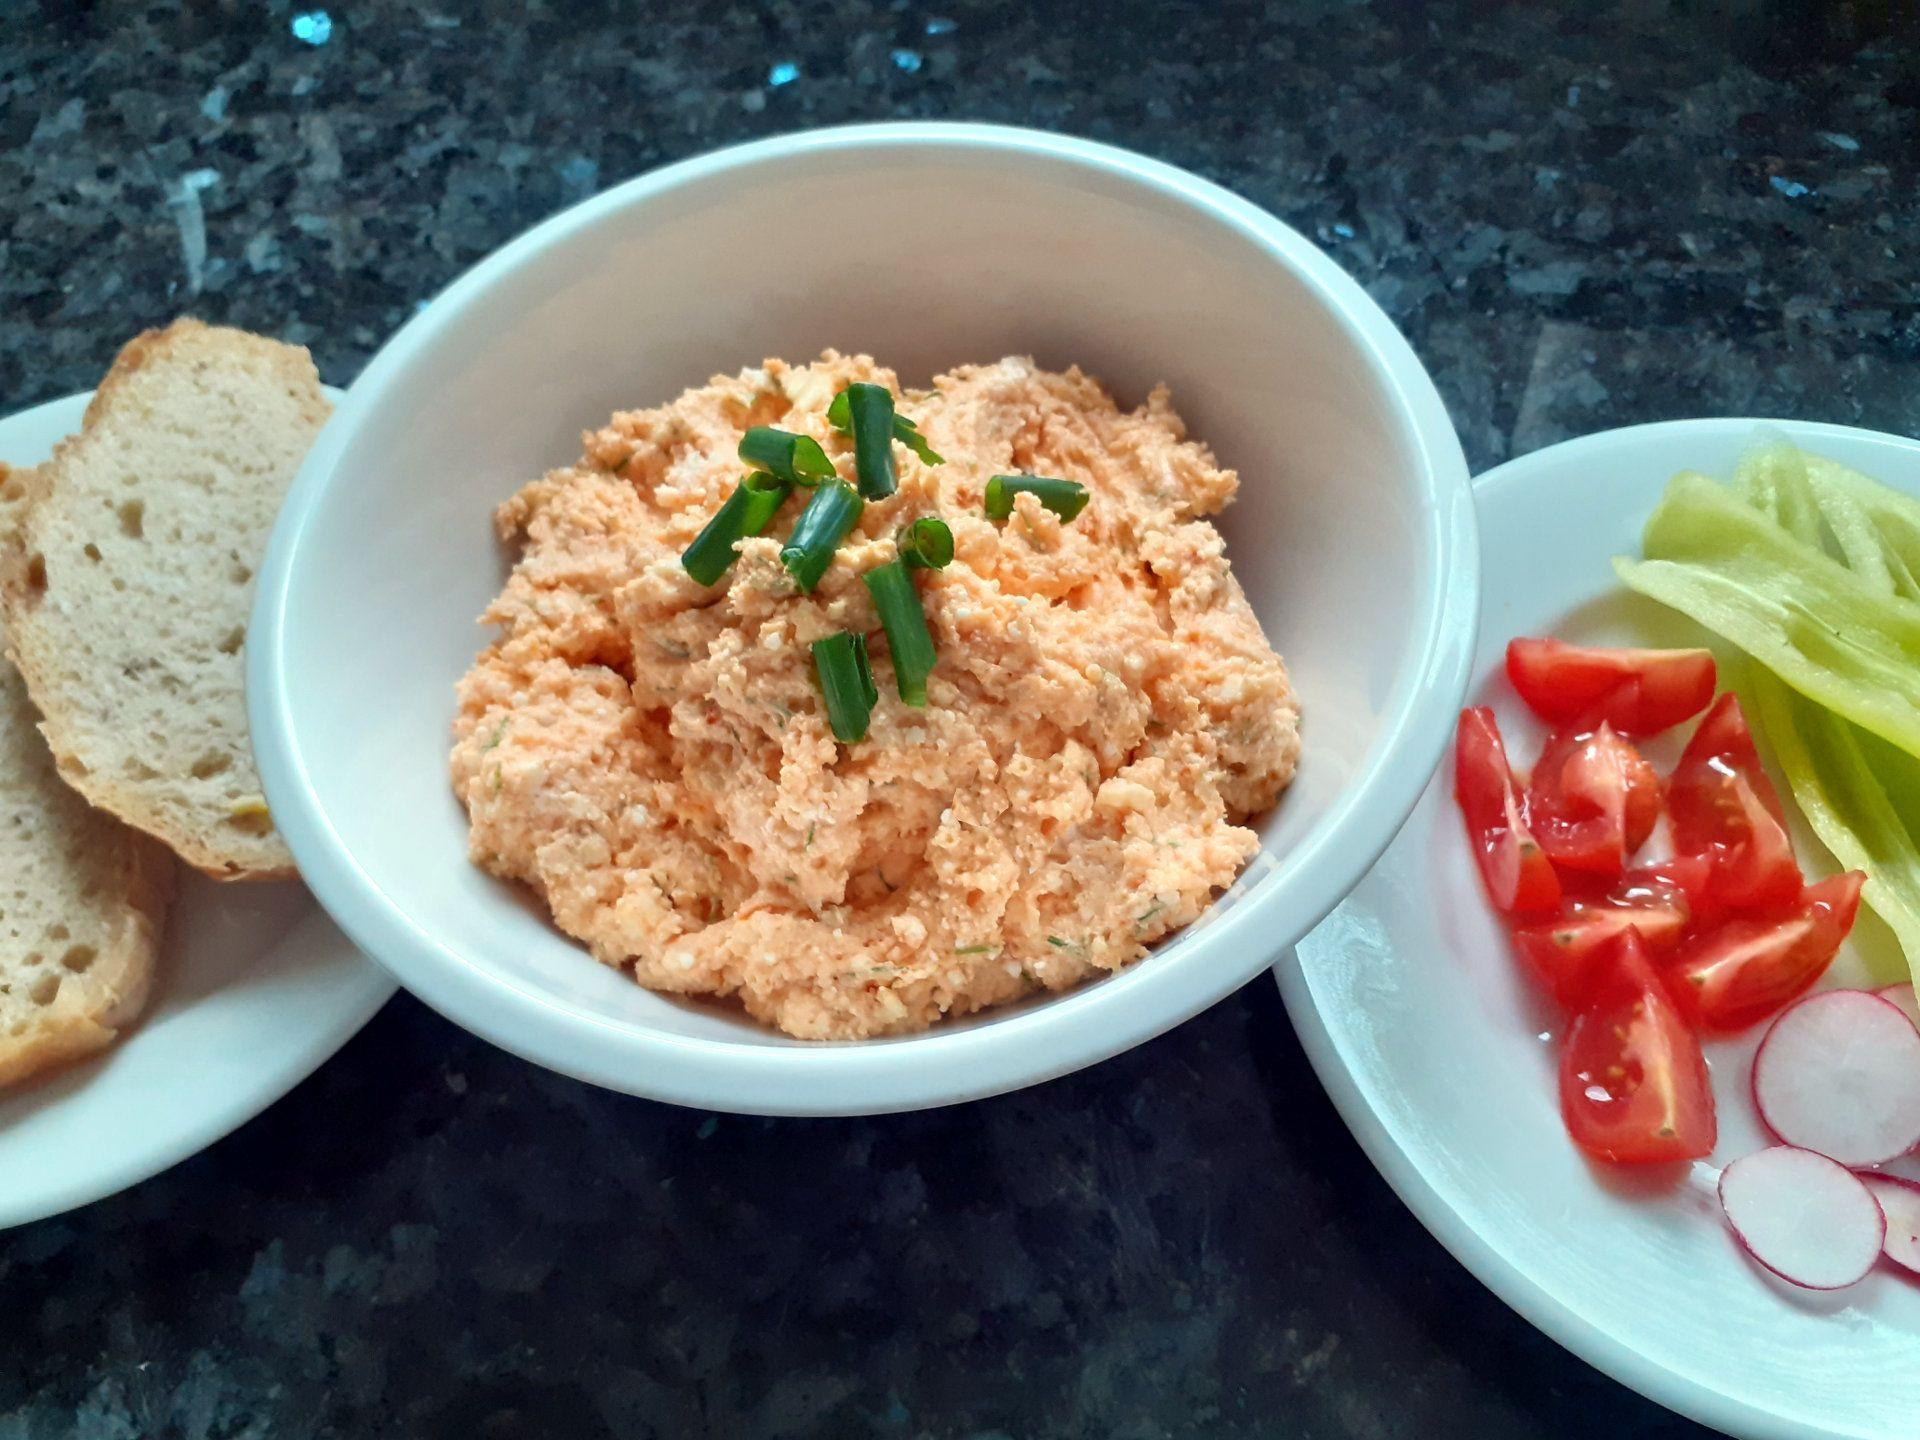 Šmirkas s čerstvým chlebom, paradajkou, paprikou a reďkovkou